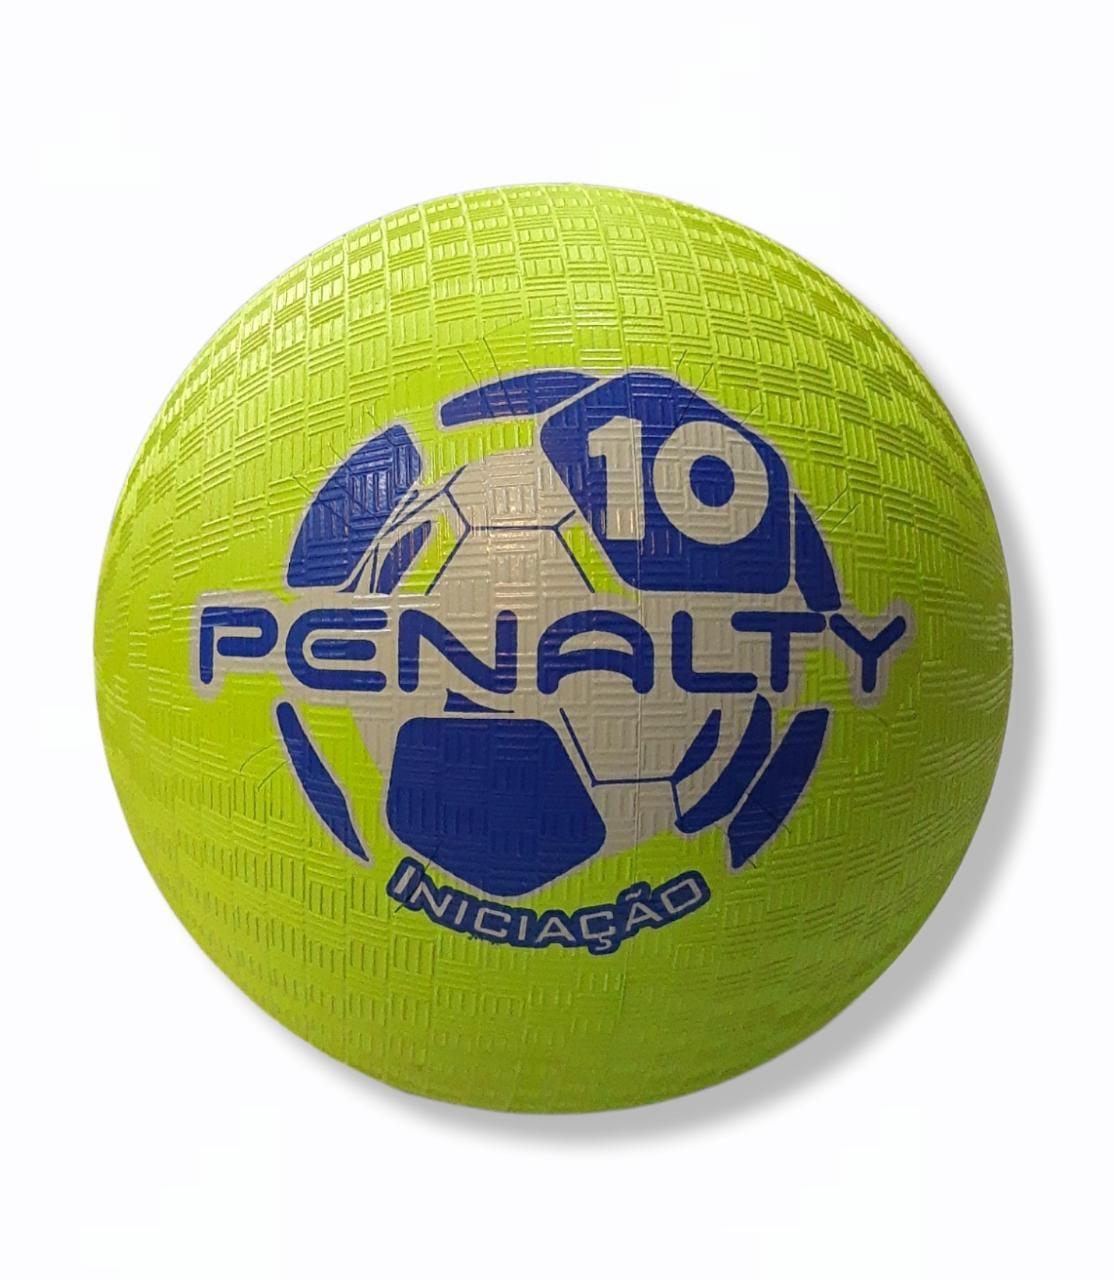 Bola de iniciação penalty tamanho 10